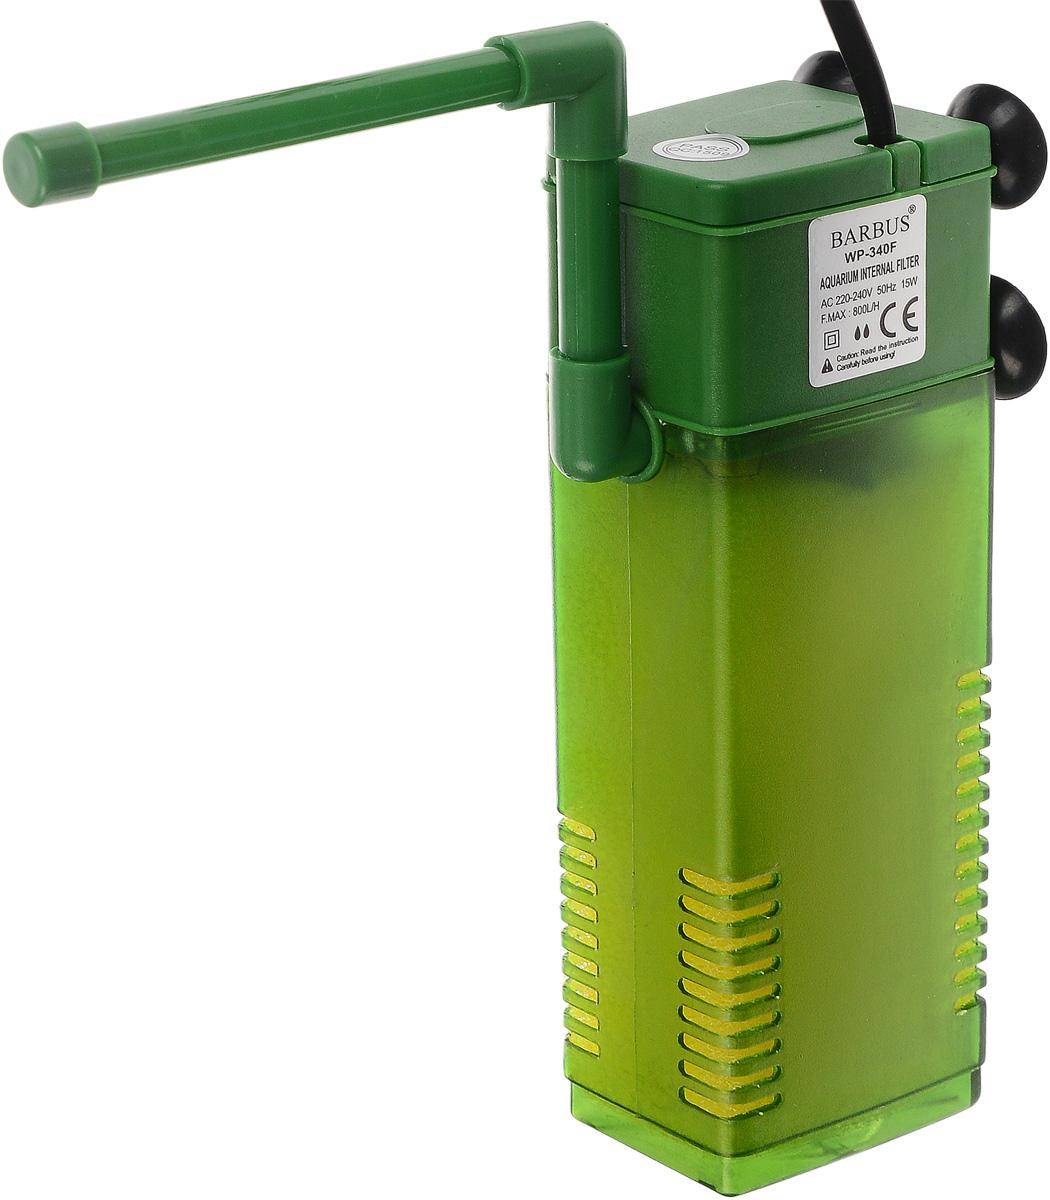 Фильтр для воды Barbus WP- 340F, аквариумный, с регулятором и флейтой, 800 л/ч помпа для аквариума barbus led 088 водяная с индикаторами led 800 л ч 15 вт